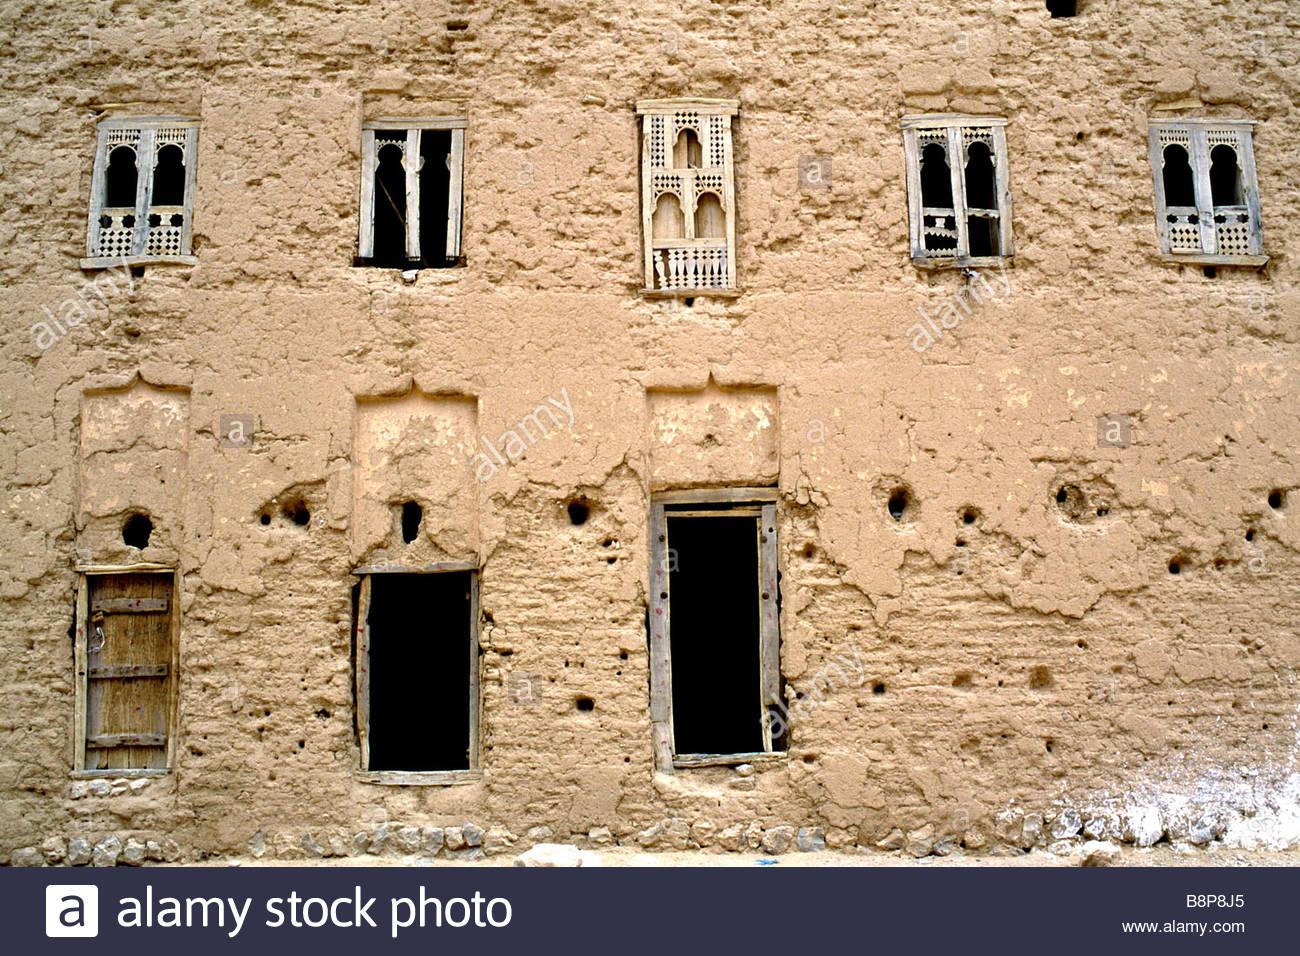 windows, yemen, arabian peninsula - Stock Image